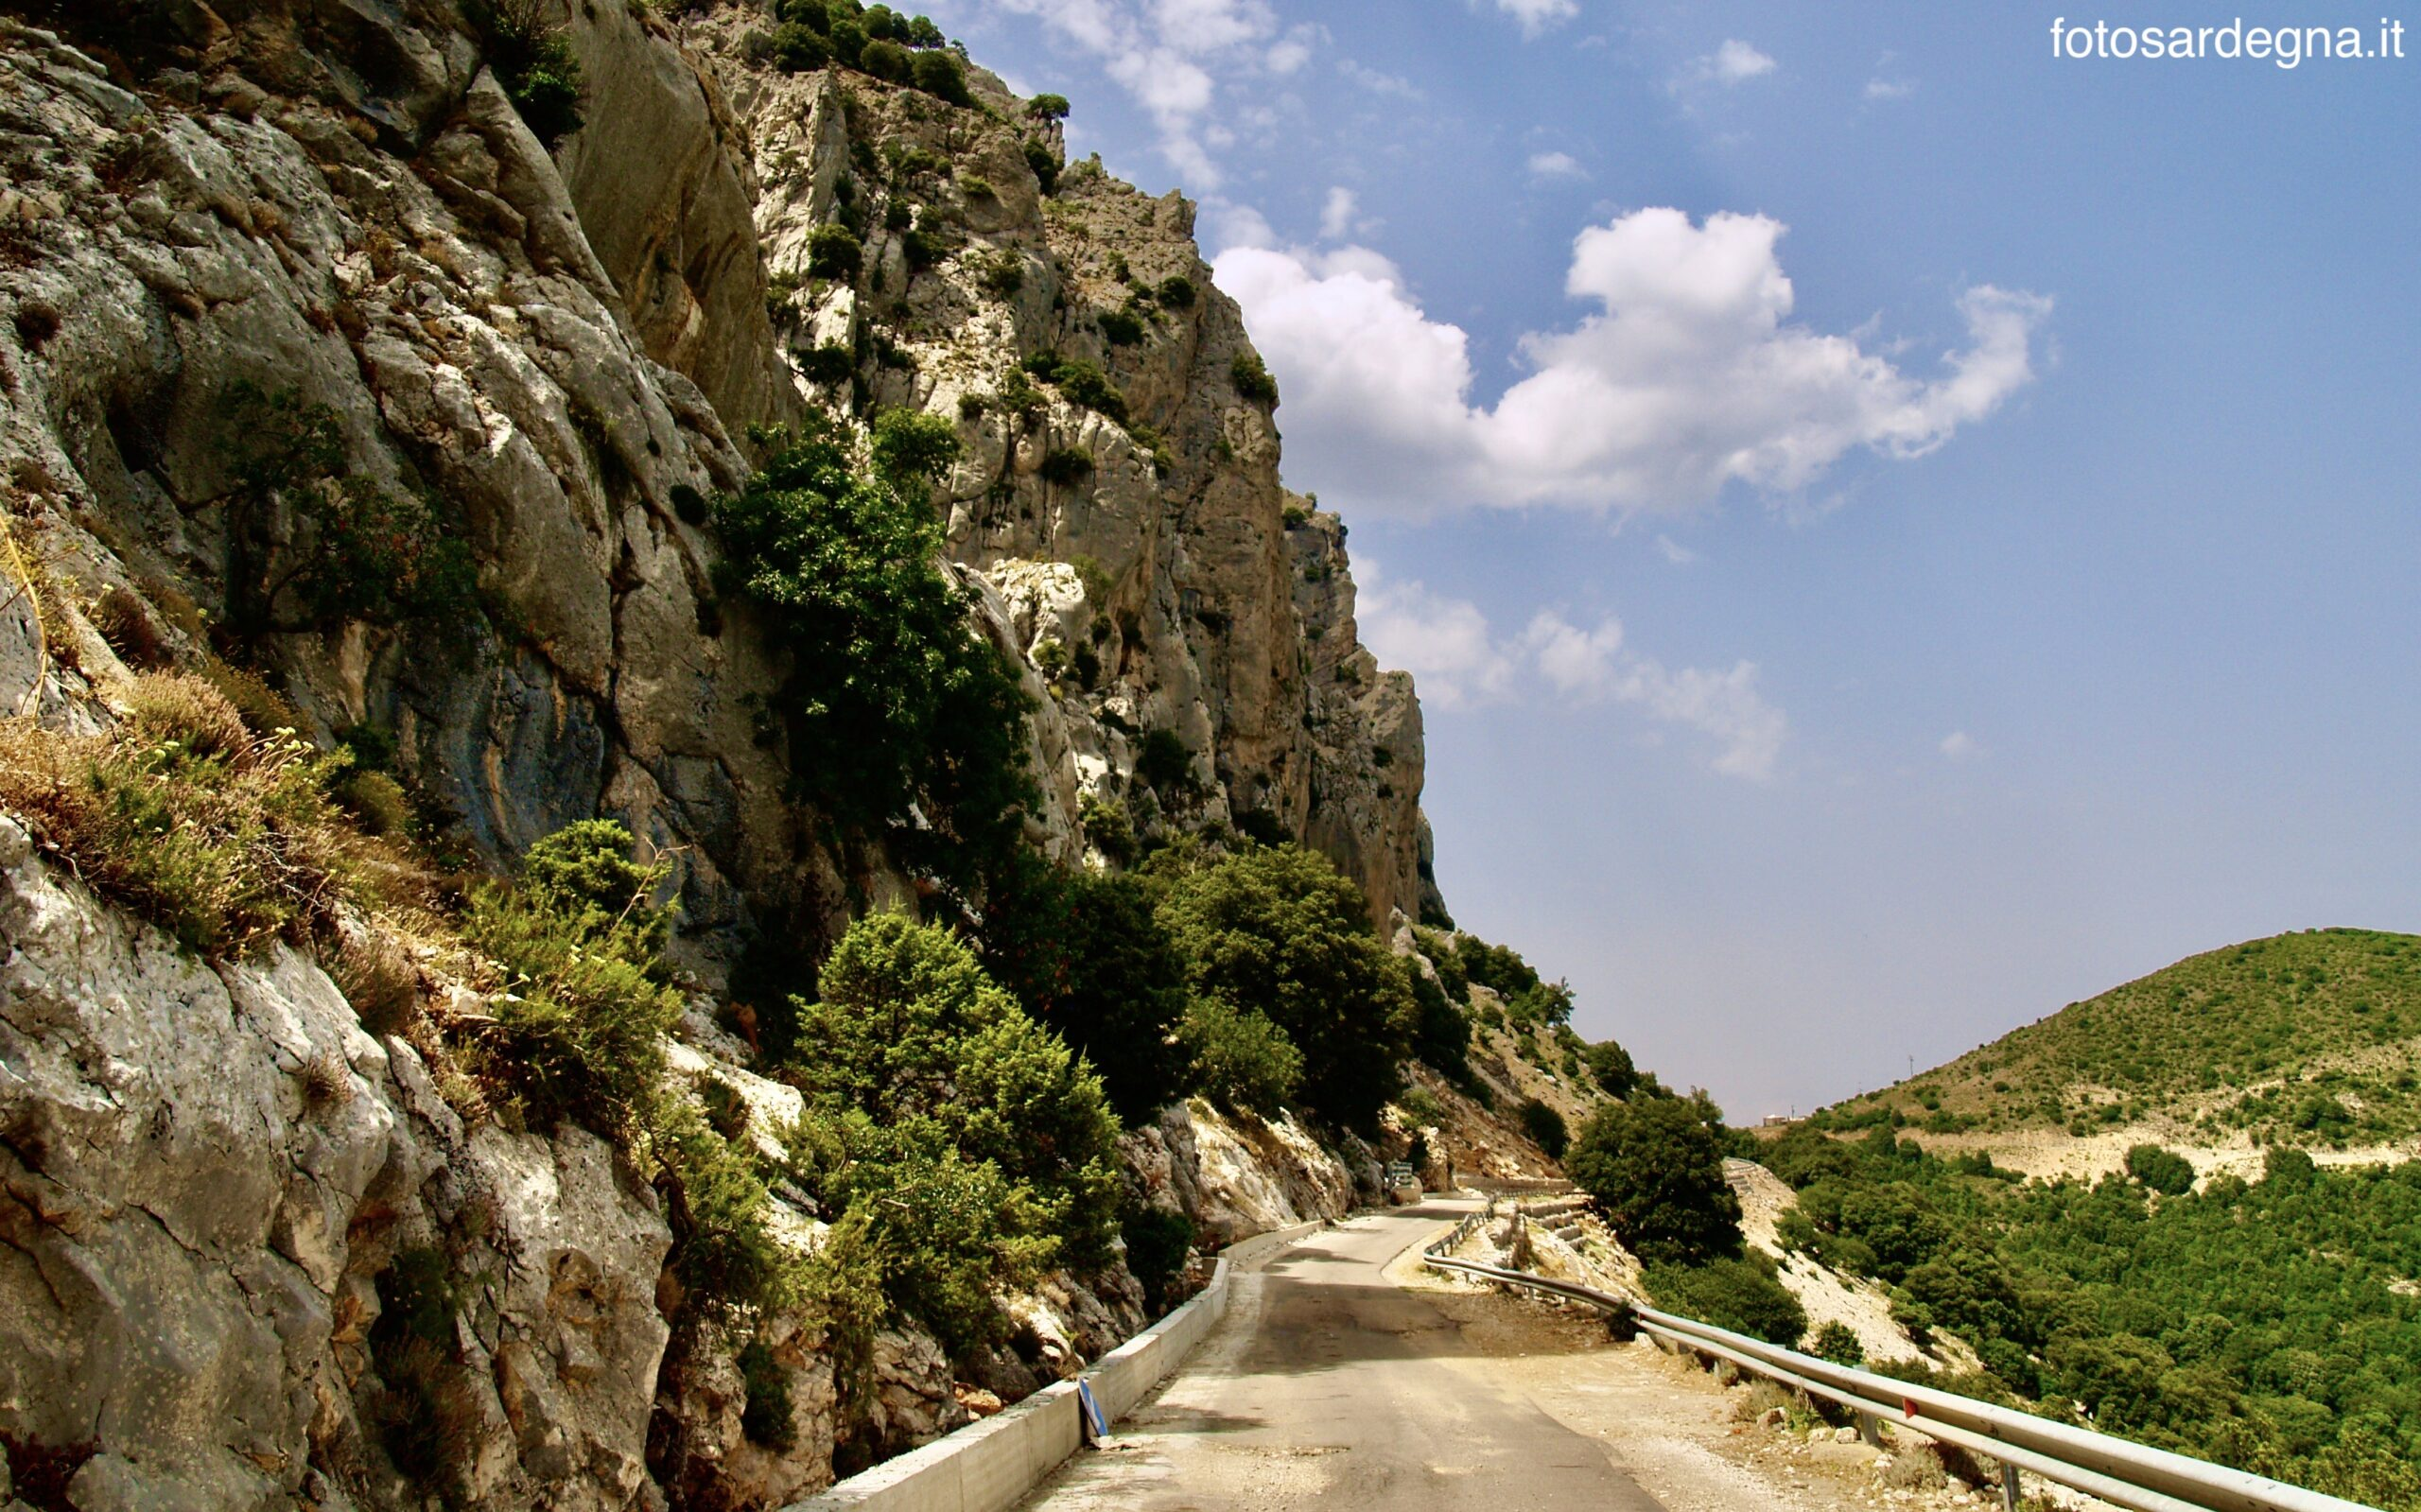 La strada che da Genna Cruxi porta a Campu Oddeu